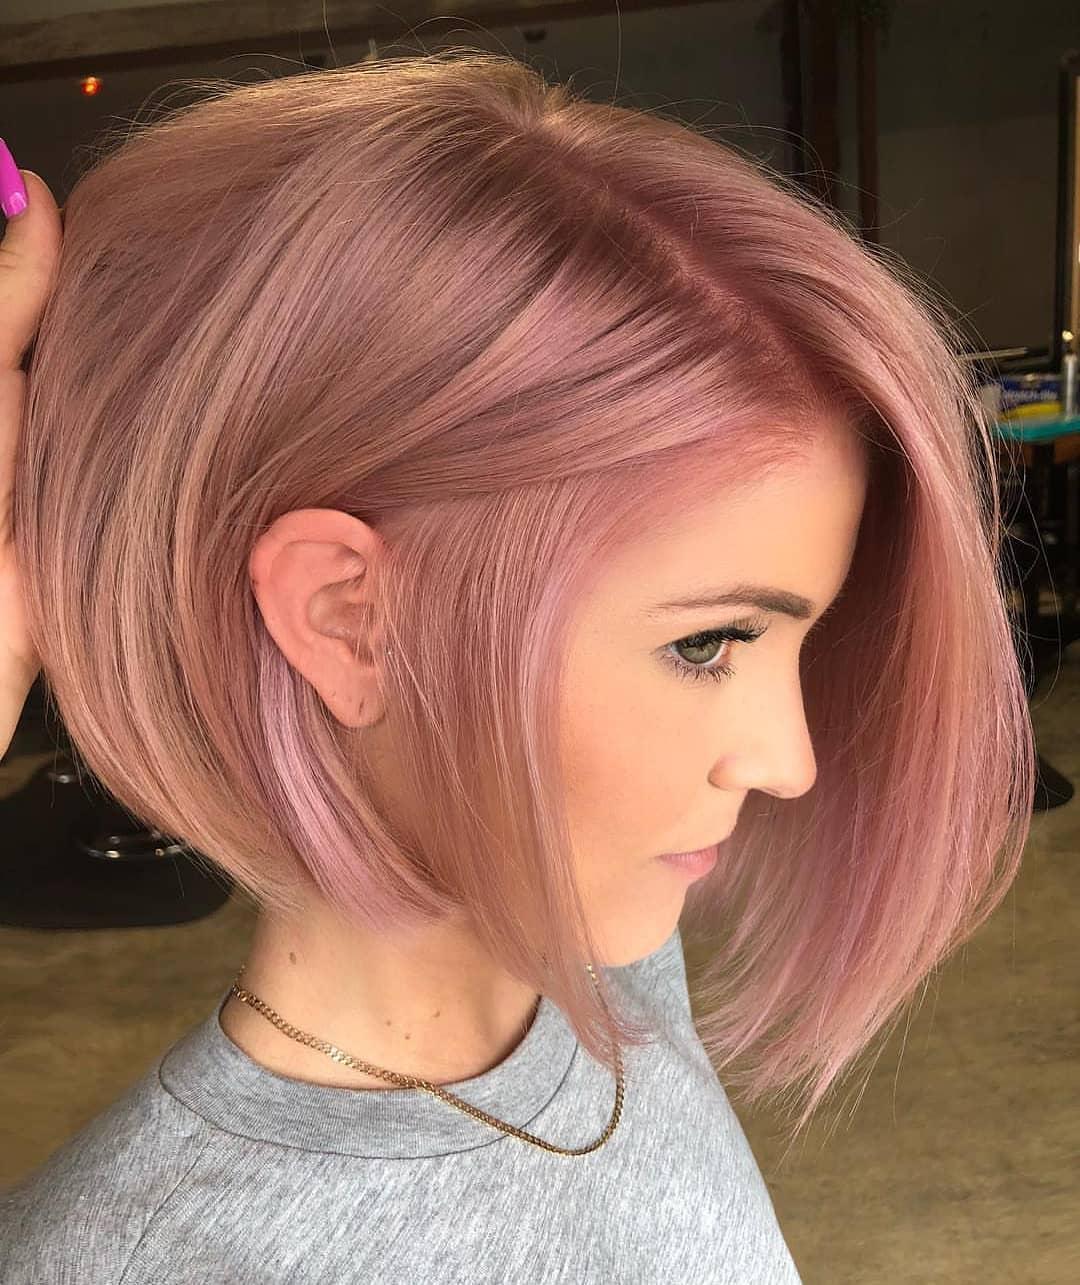 capelli rosa bob